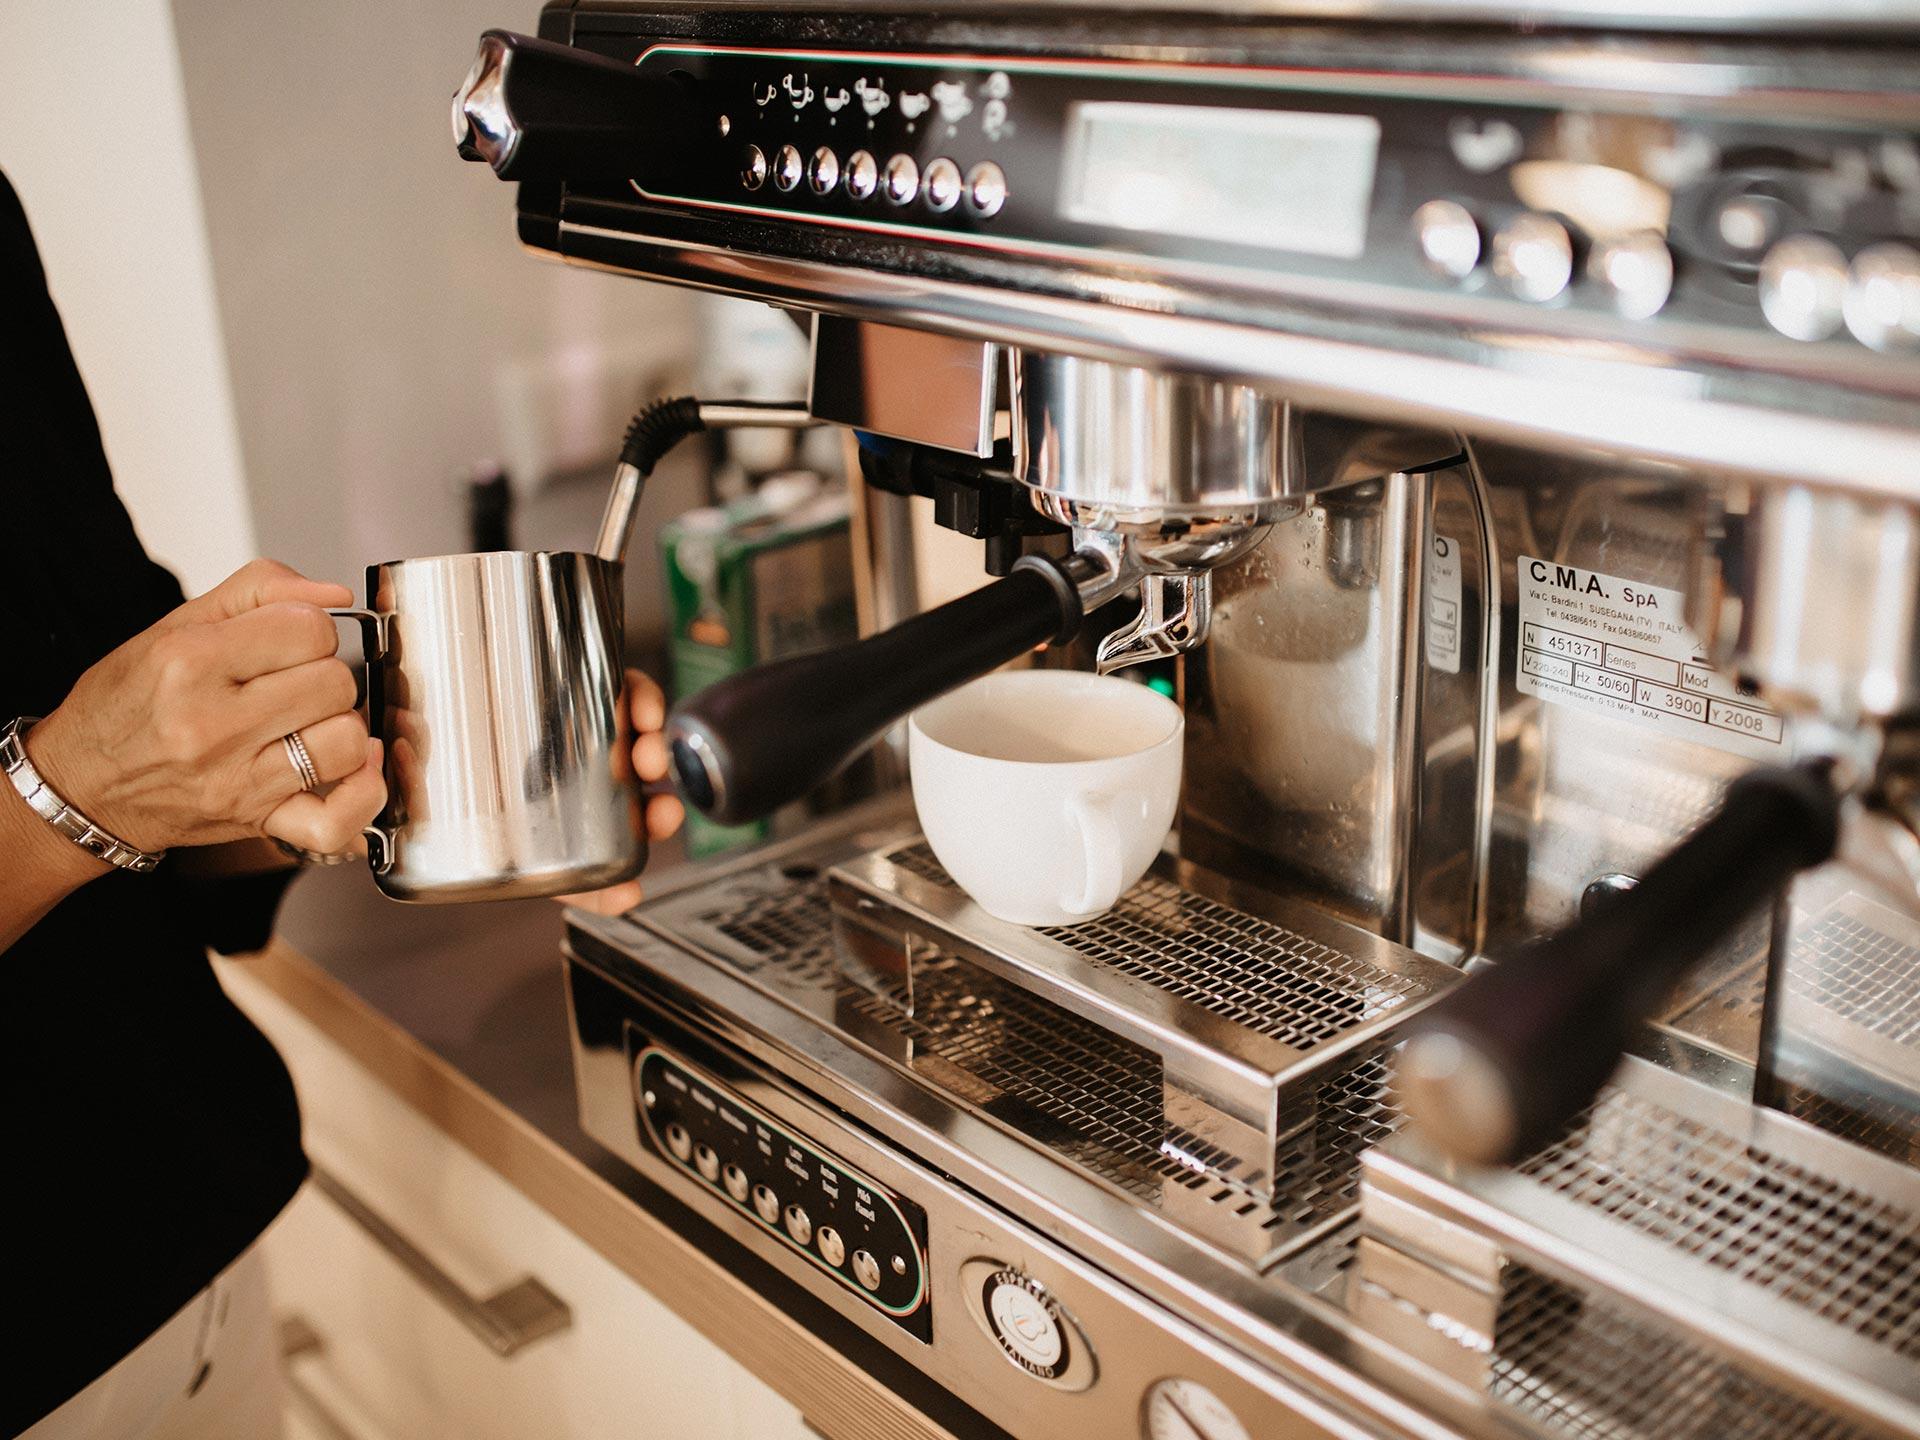 Italienischer Kaffee in Lauben im Unterallgäu